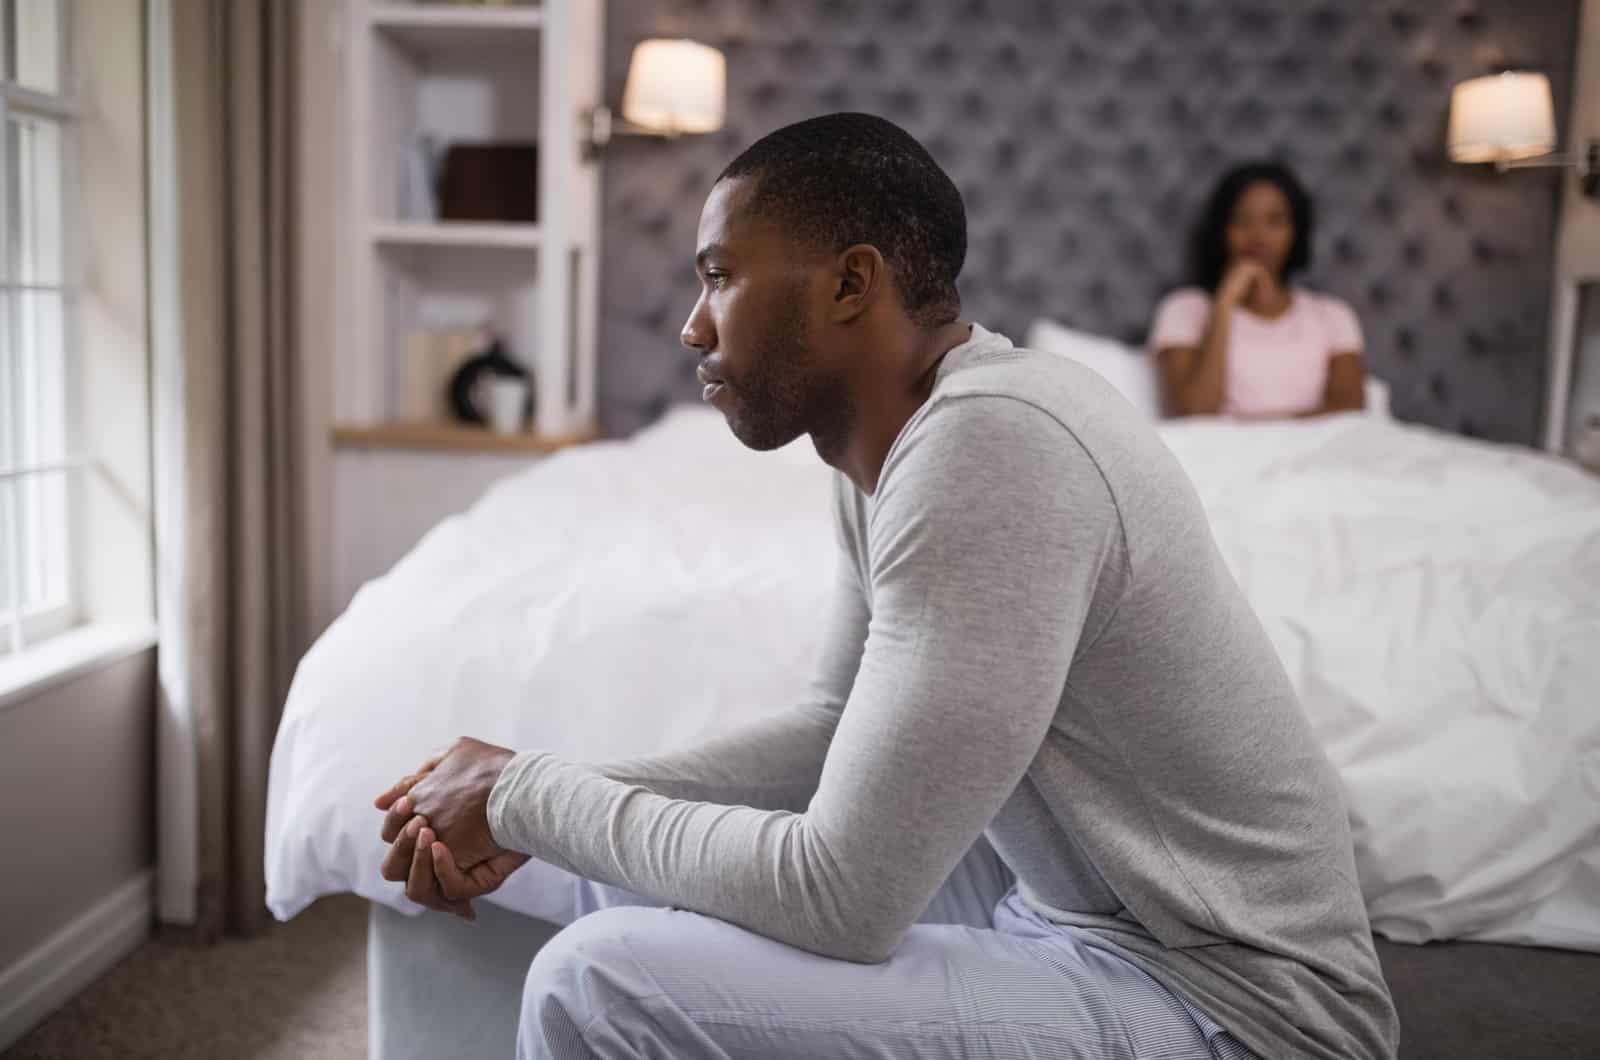 unglücklicher Mann im Schlafzimmer mit Frau im Bett